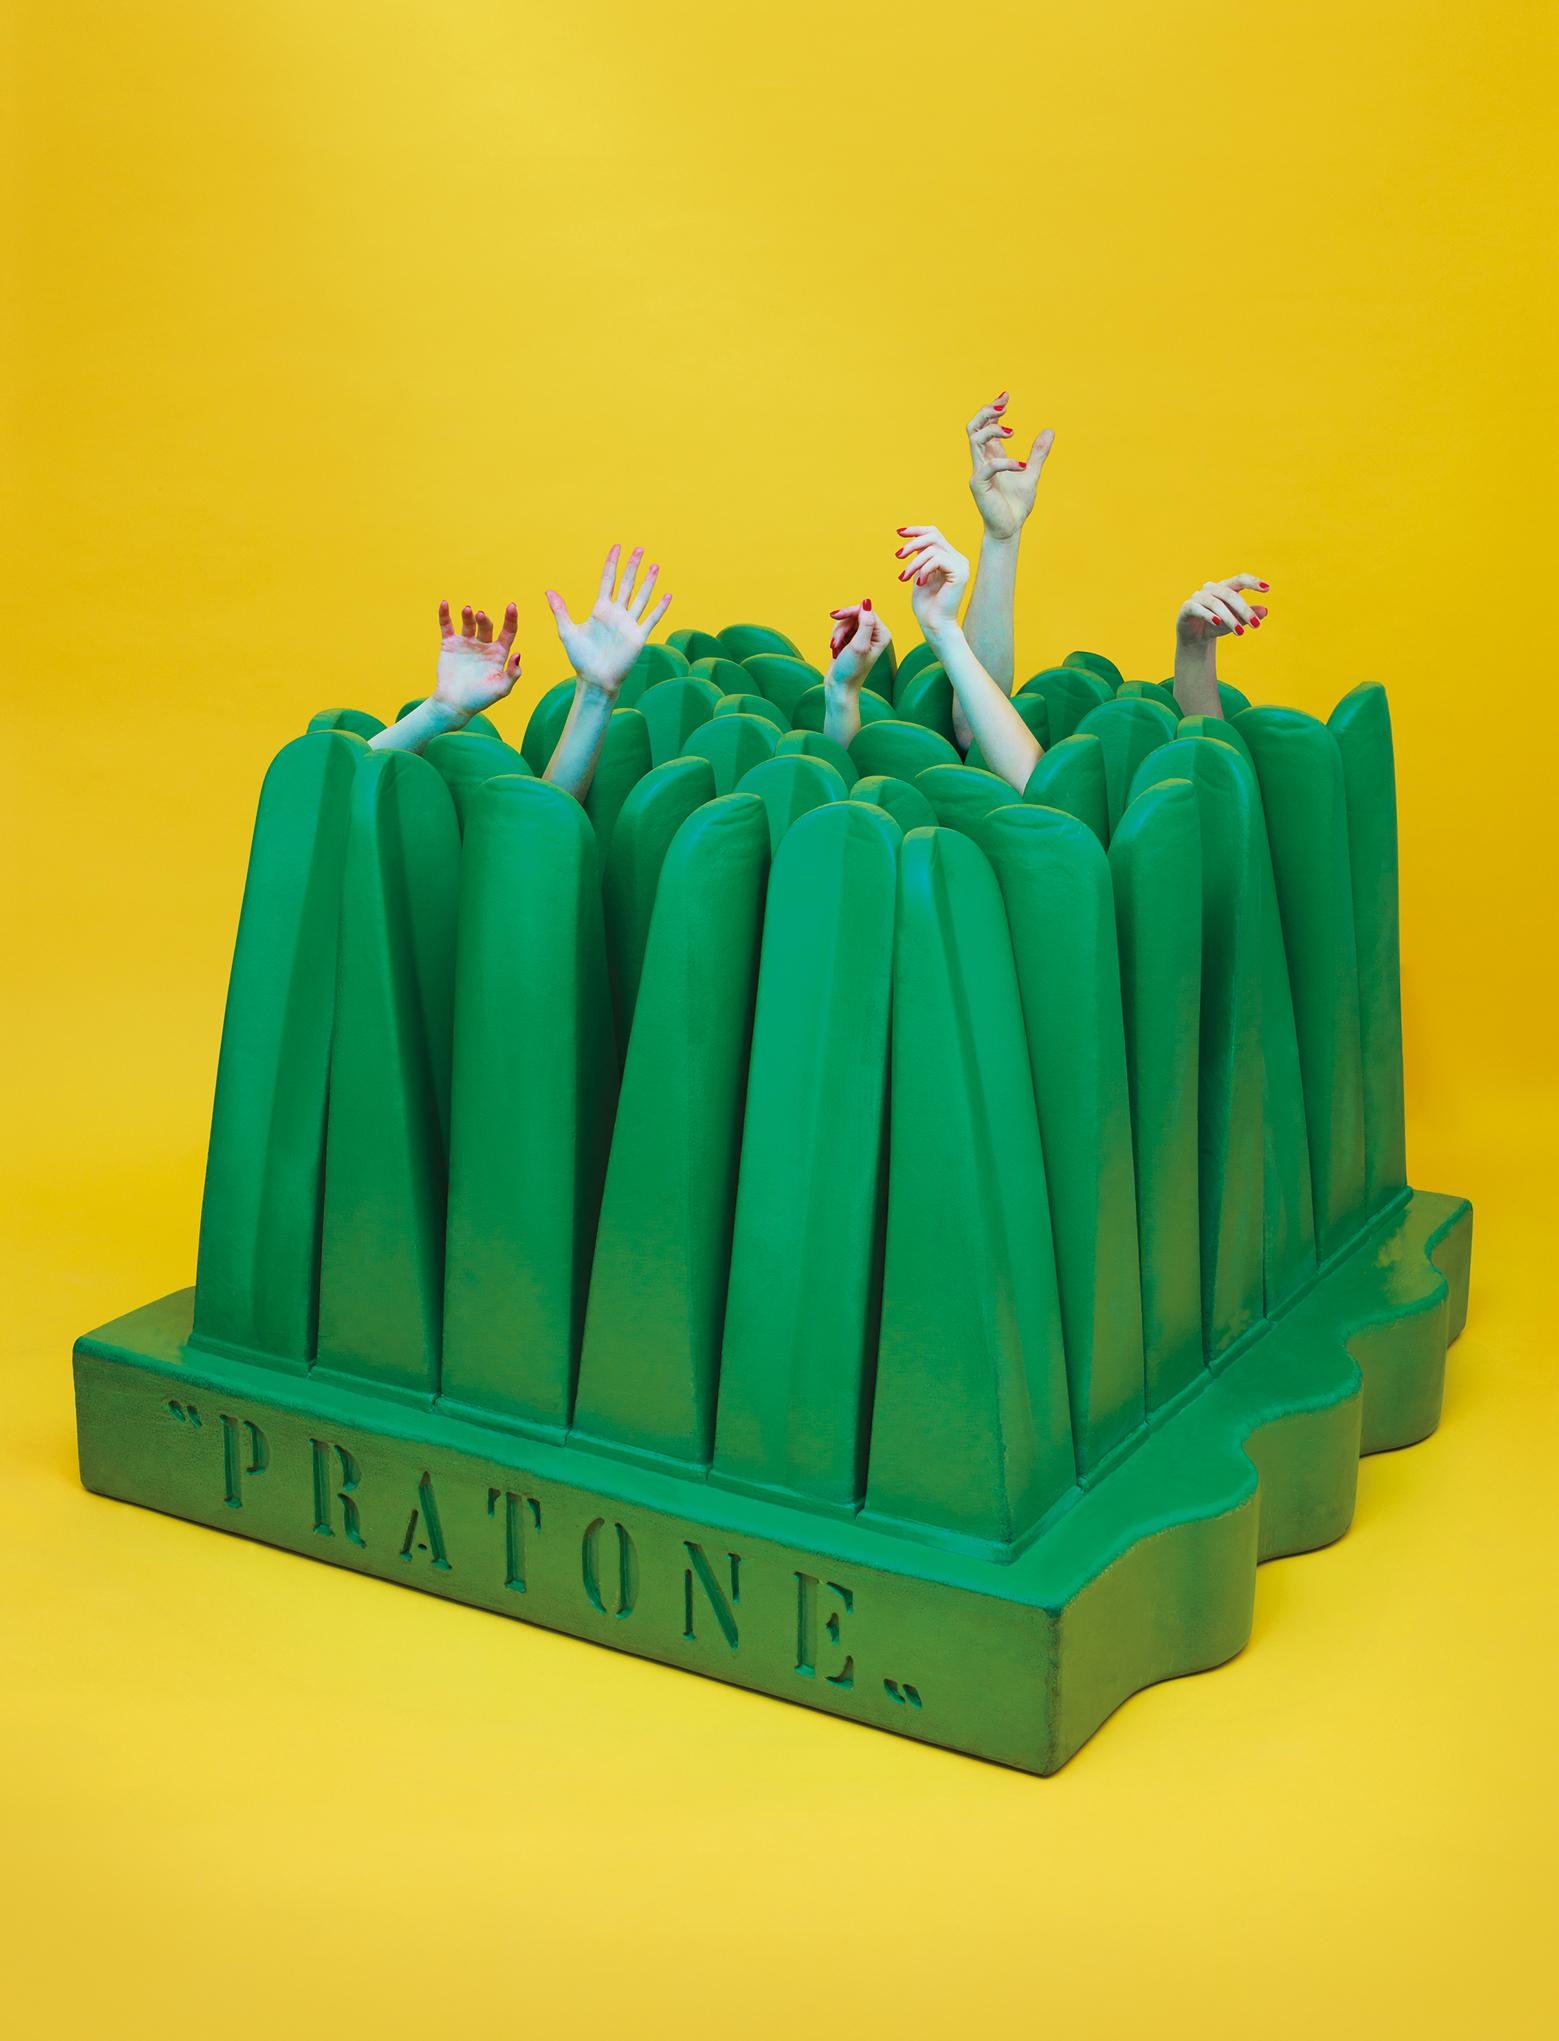 Pratone by Giorgio Ceretti, Pietro Derossi and Riccardo Rosso.